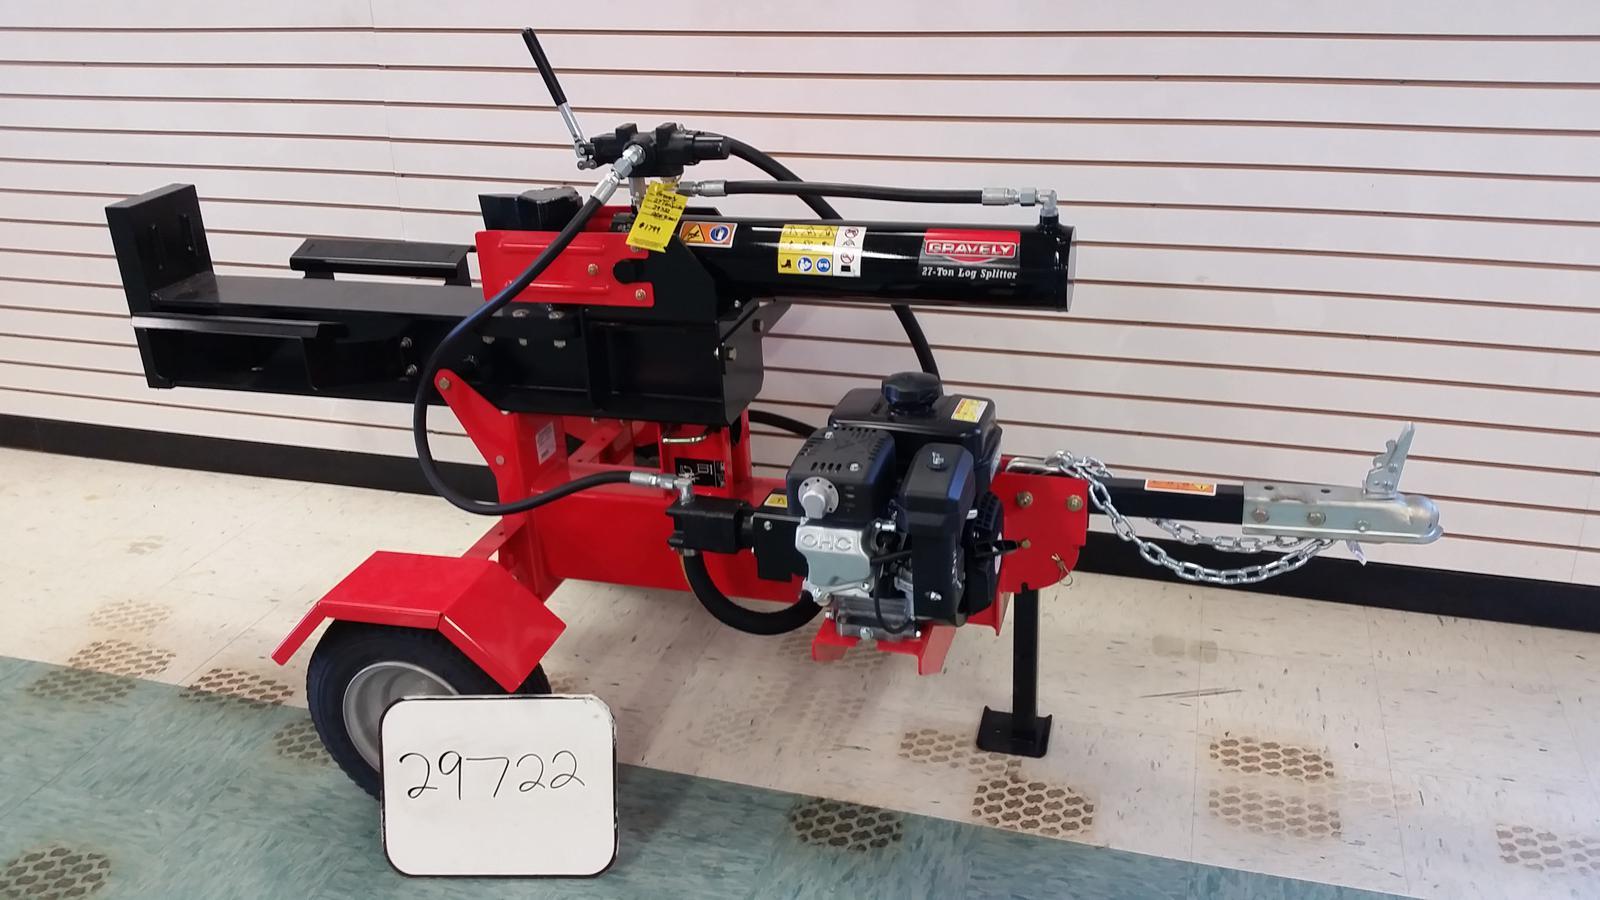 Log Splitter For Sale >> 2012 Gravely 27 Ton Log Splitter For Sale In West Henrietta Ny Mte